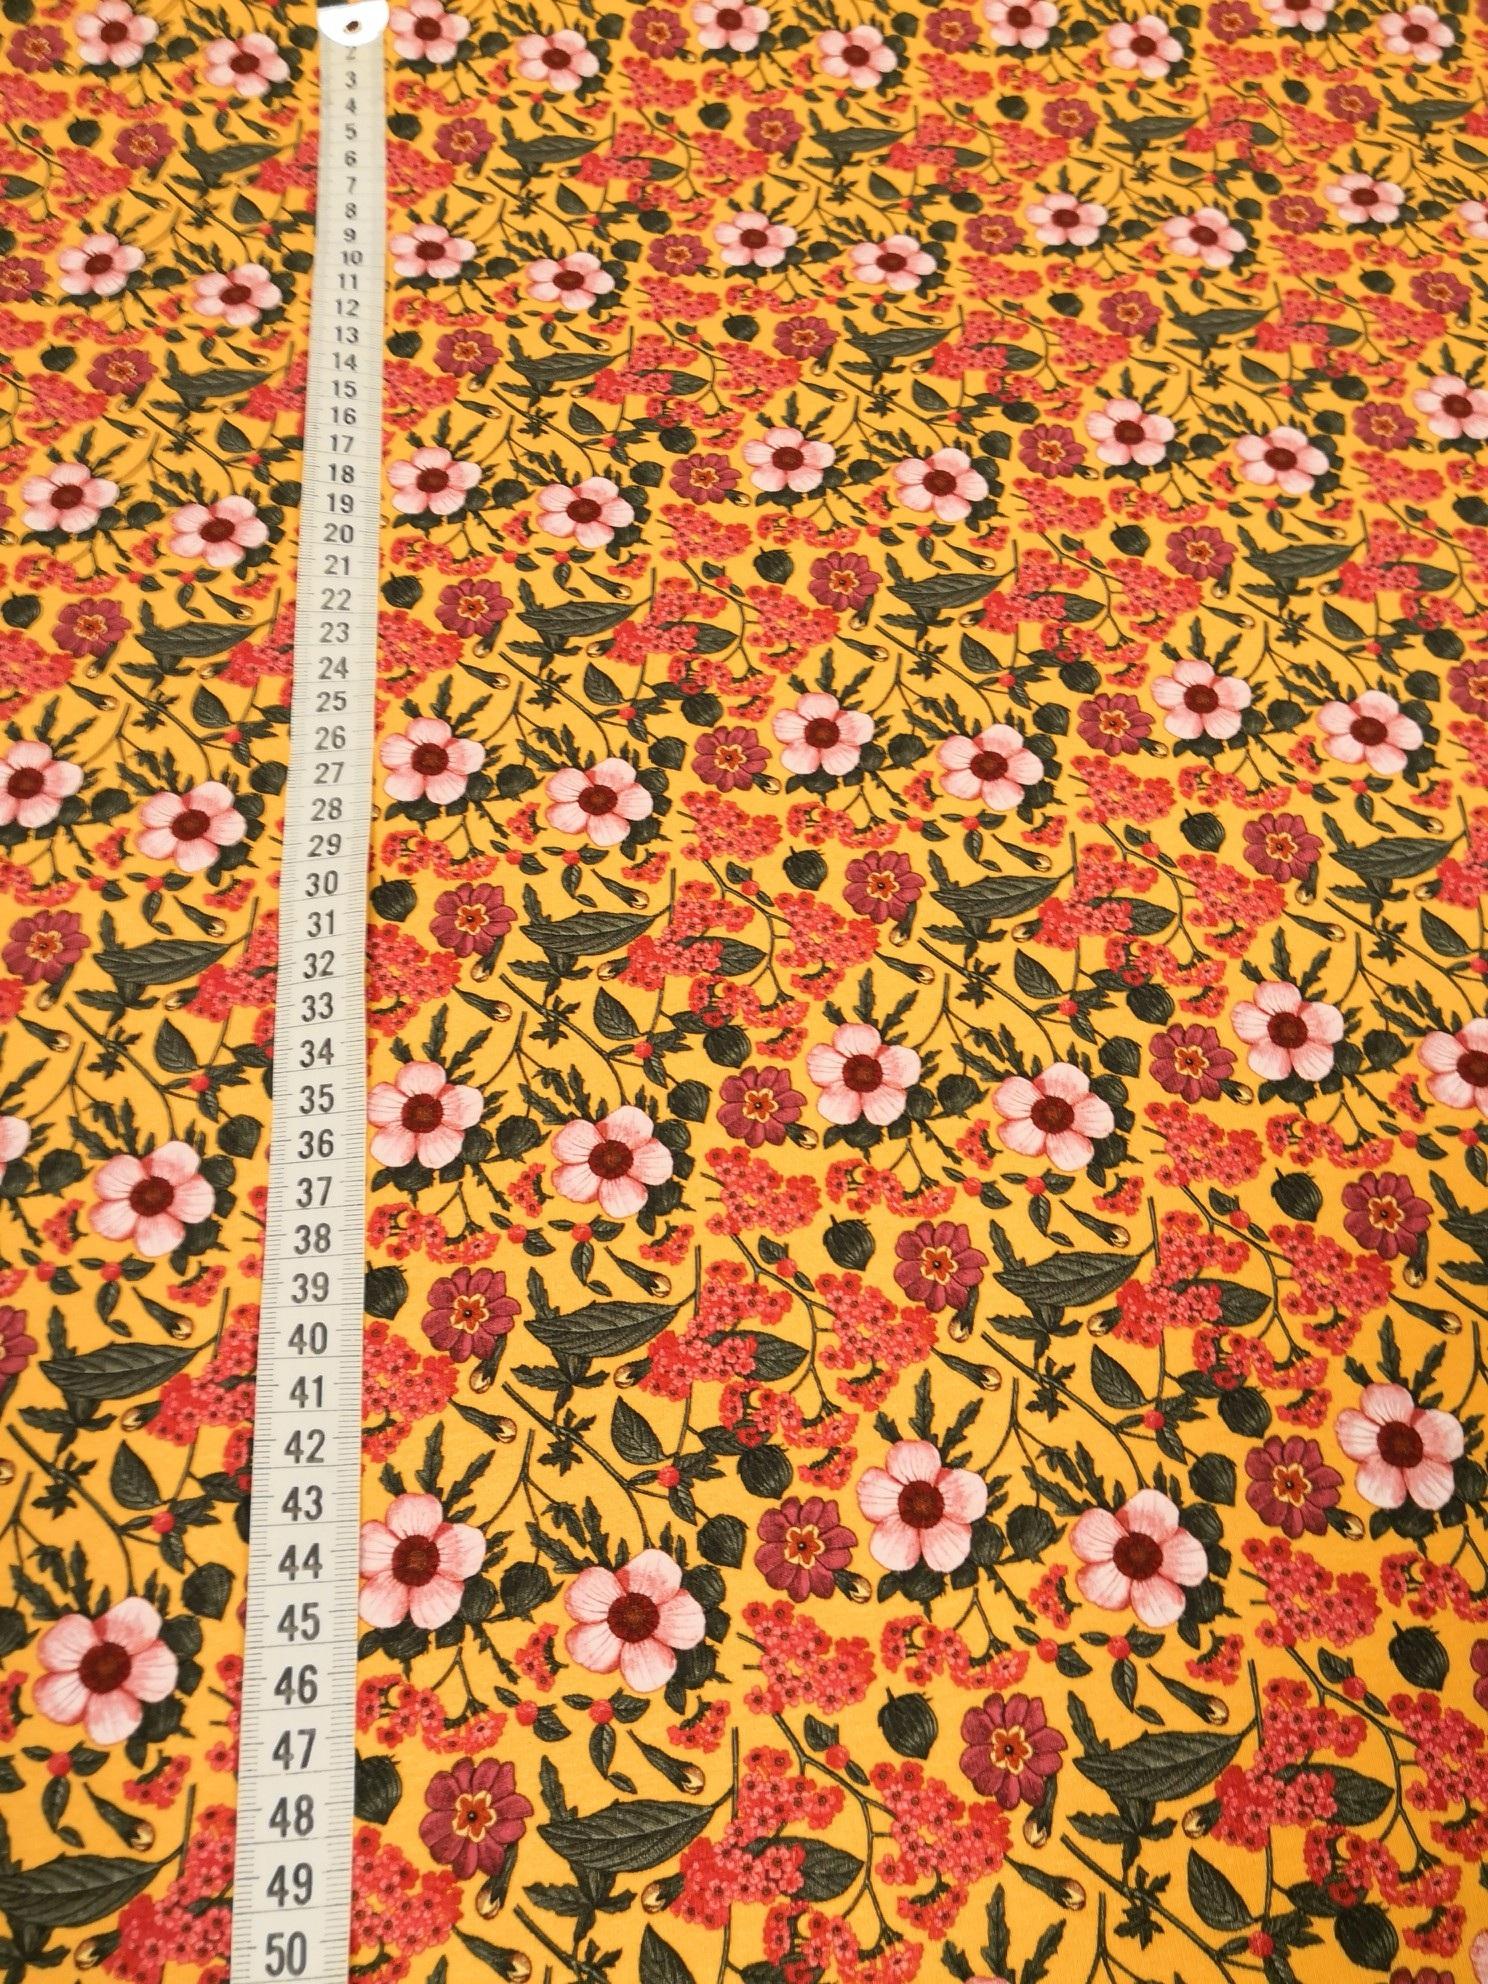 anemon tyglust, tyg, trikå, mode, sy, sömnad, textil design, metervara, tygaffär